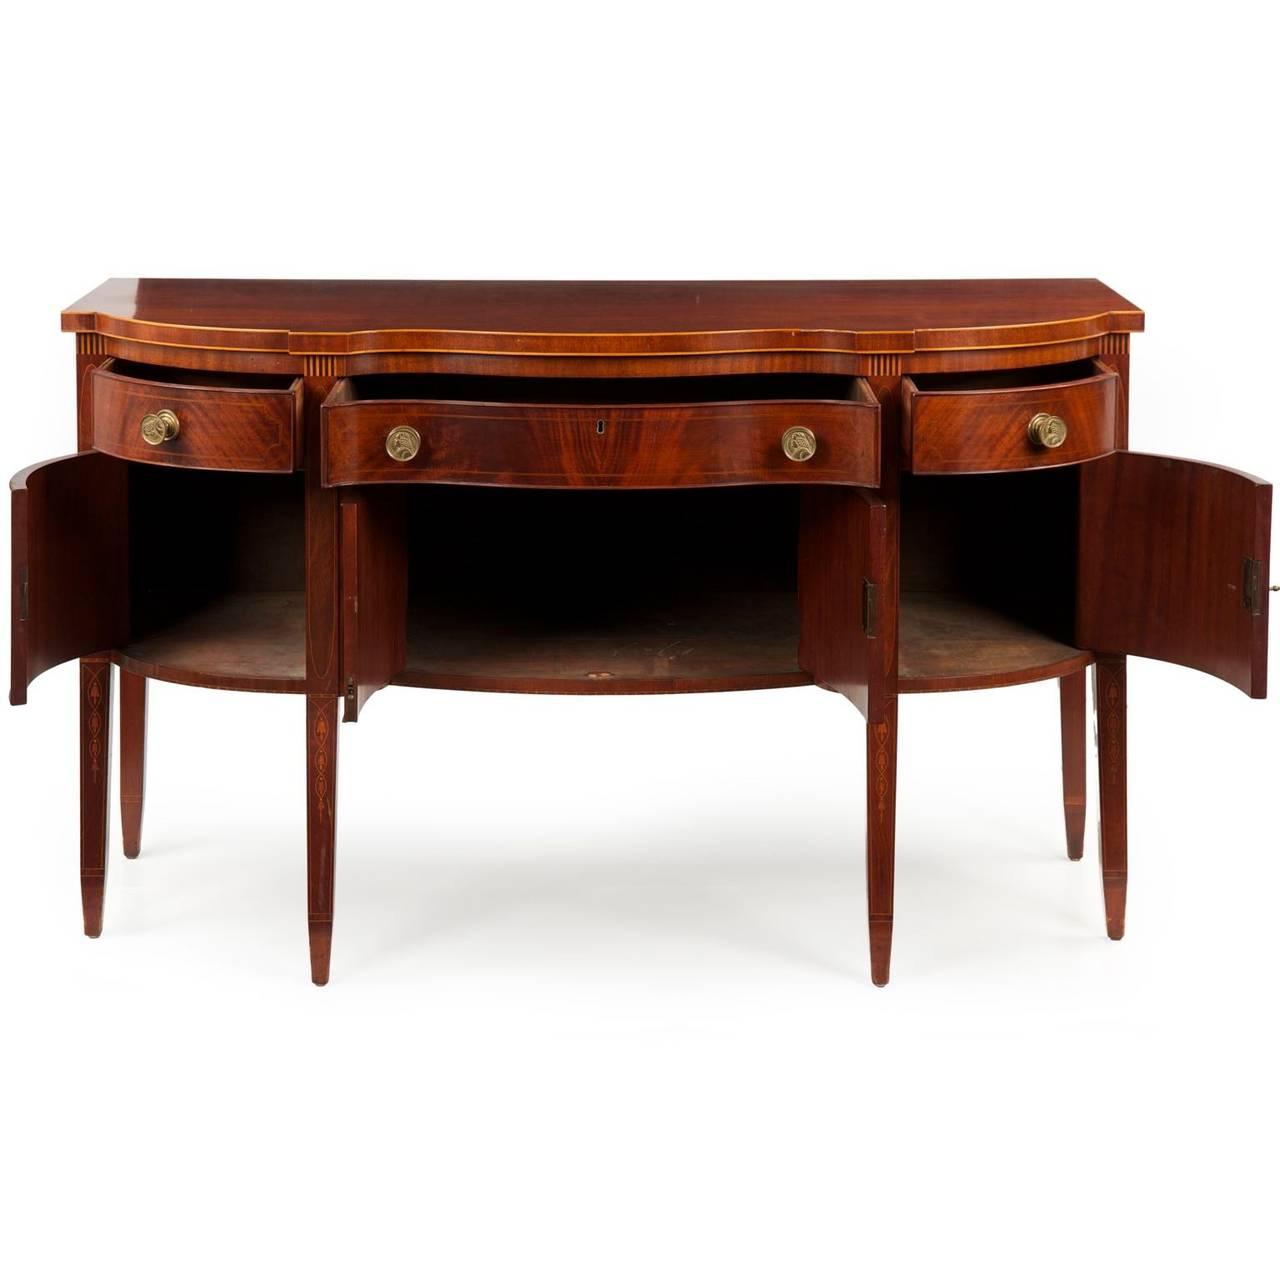 Bernhardt Antique Furniture Furniture As Well Victorian Style Bernhardt Antique